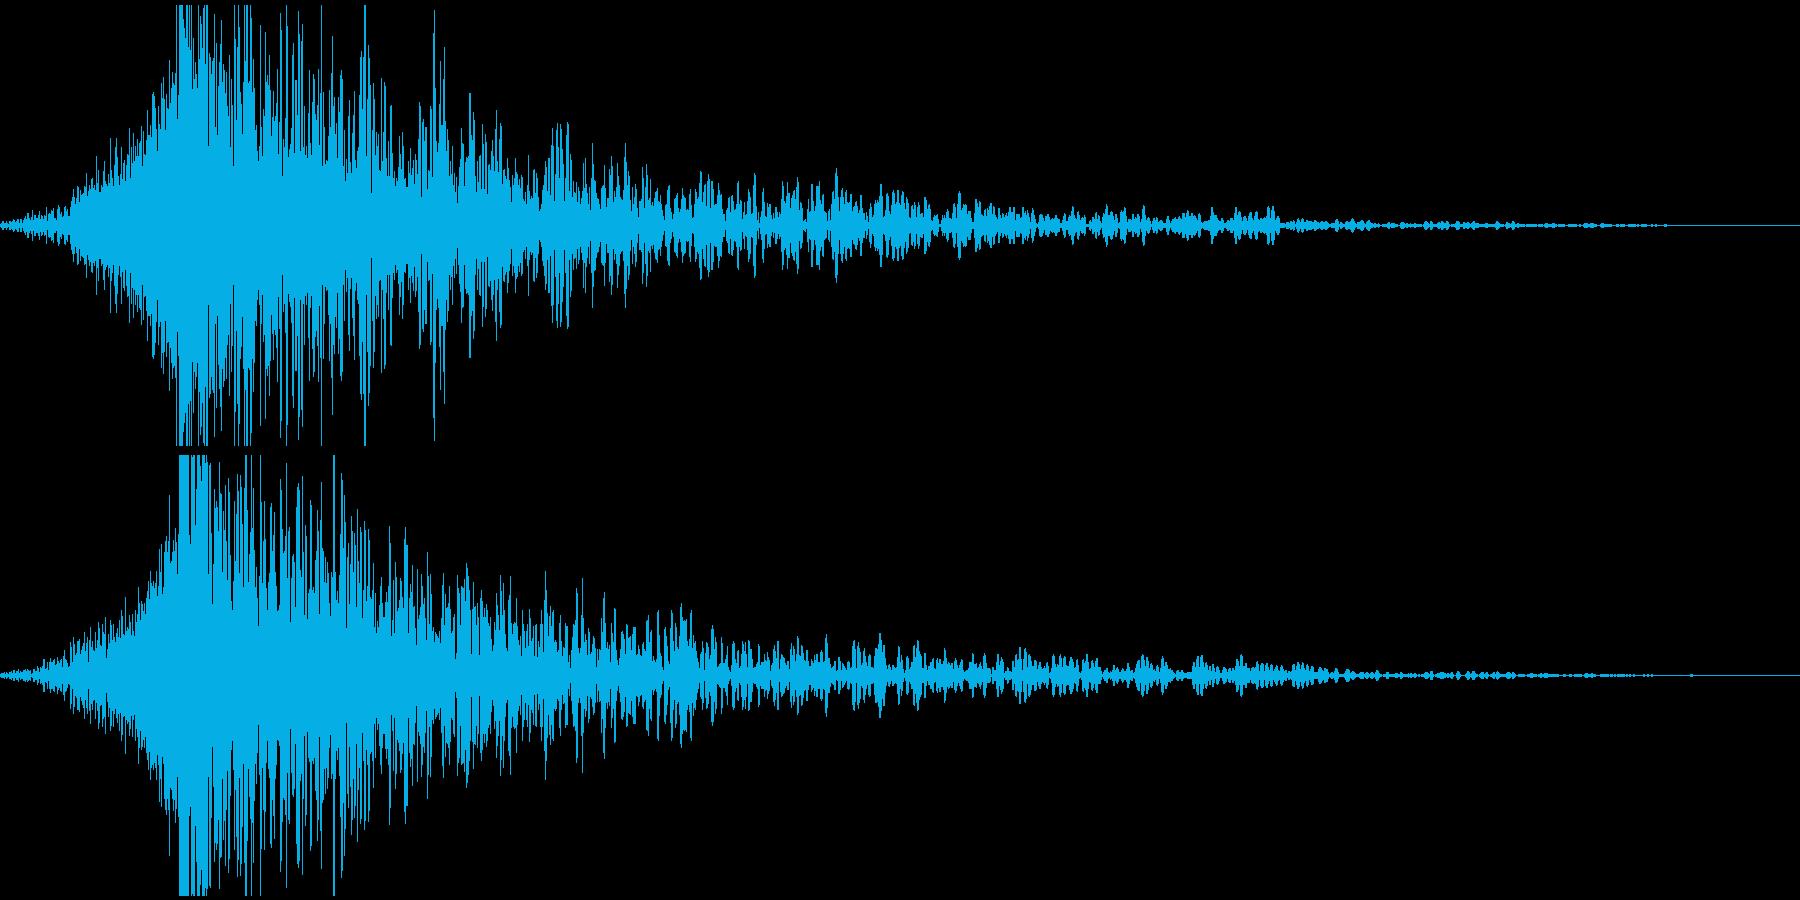 【衝撃音】ビューッ! ドンッッッ!の再生済みの波形